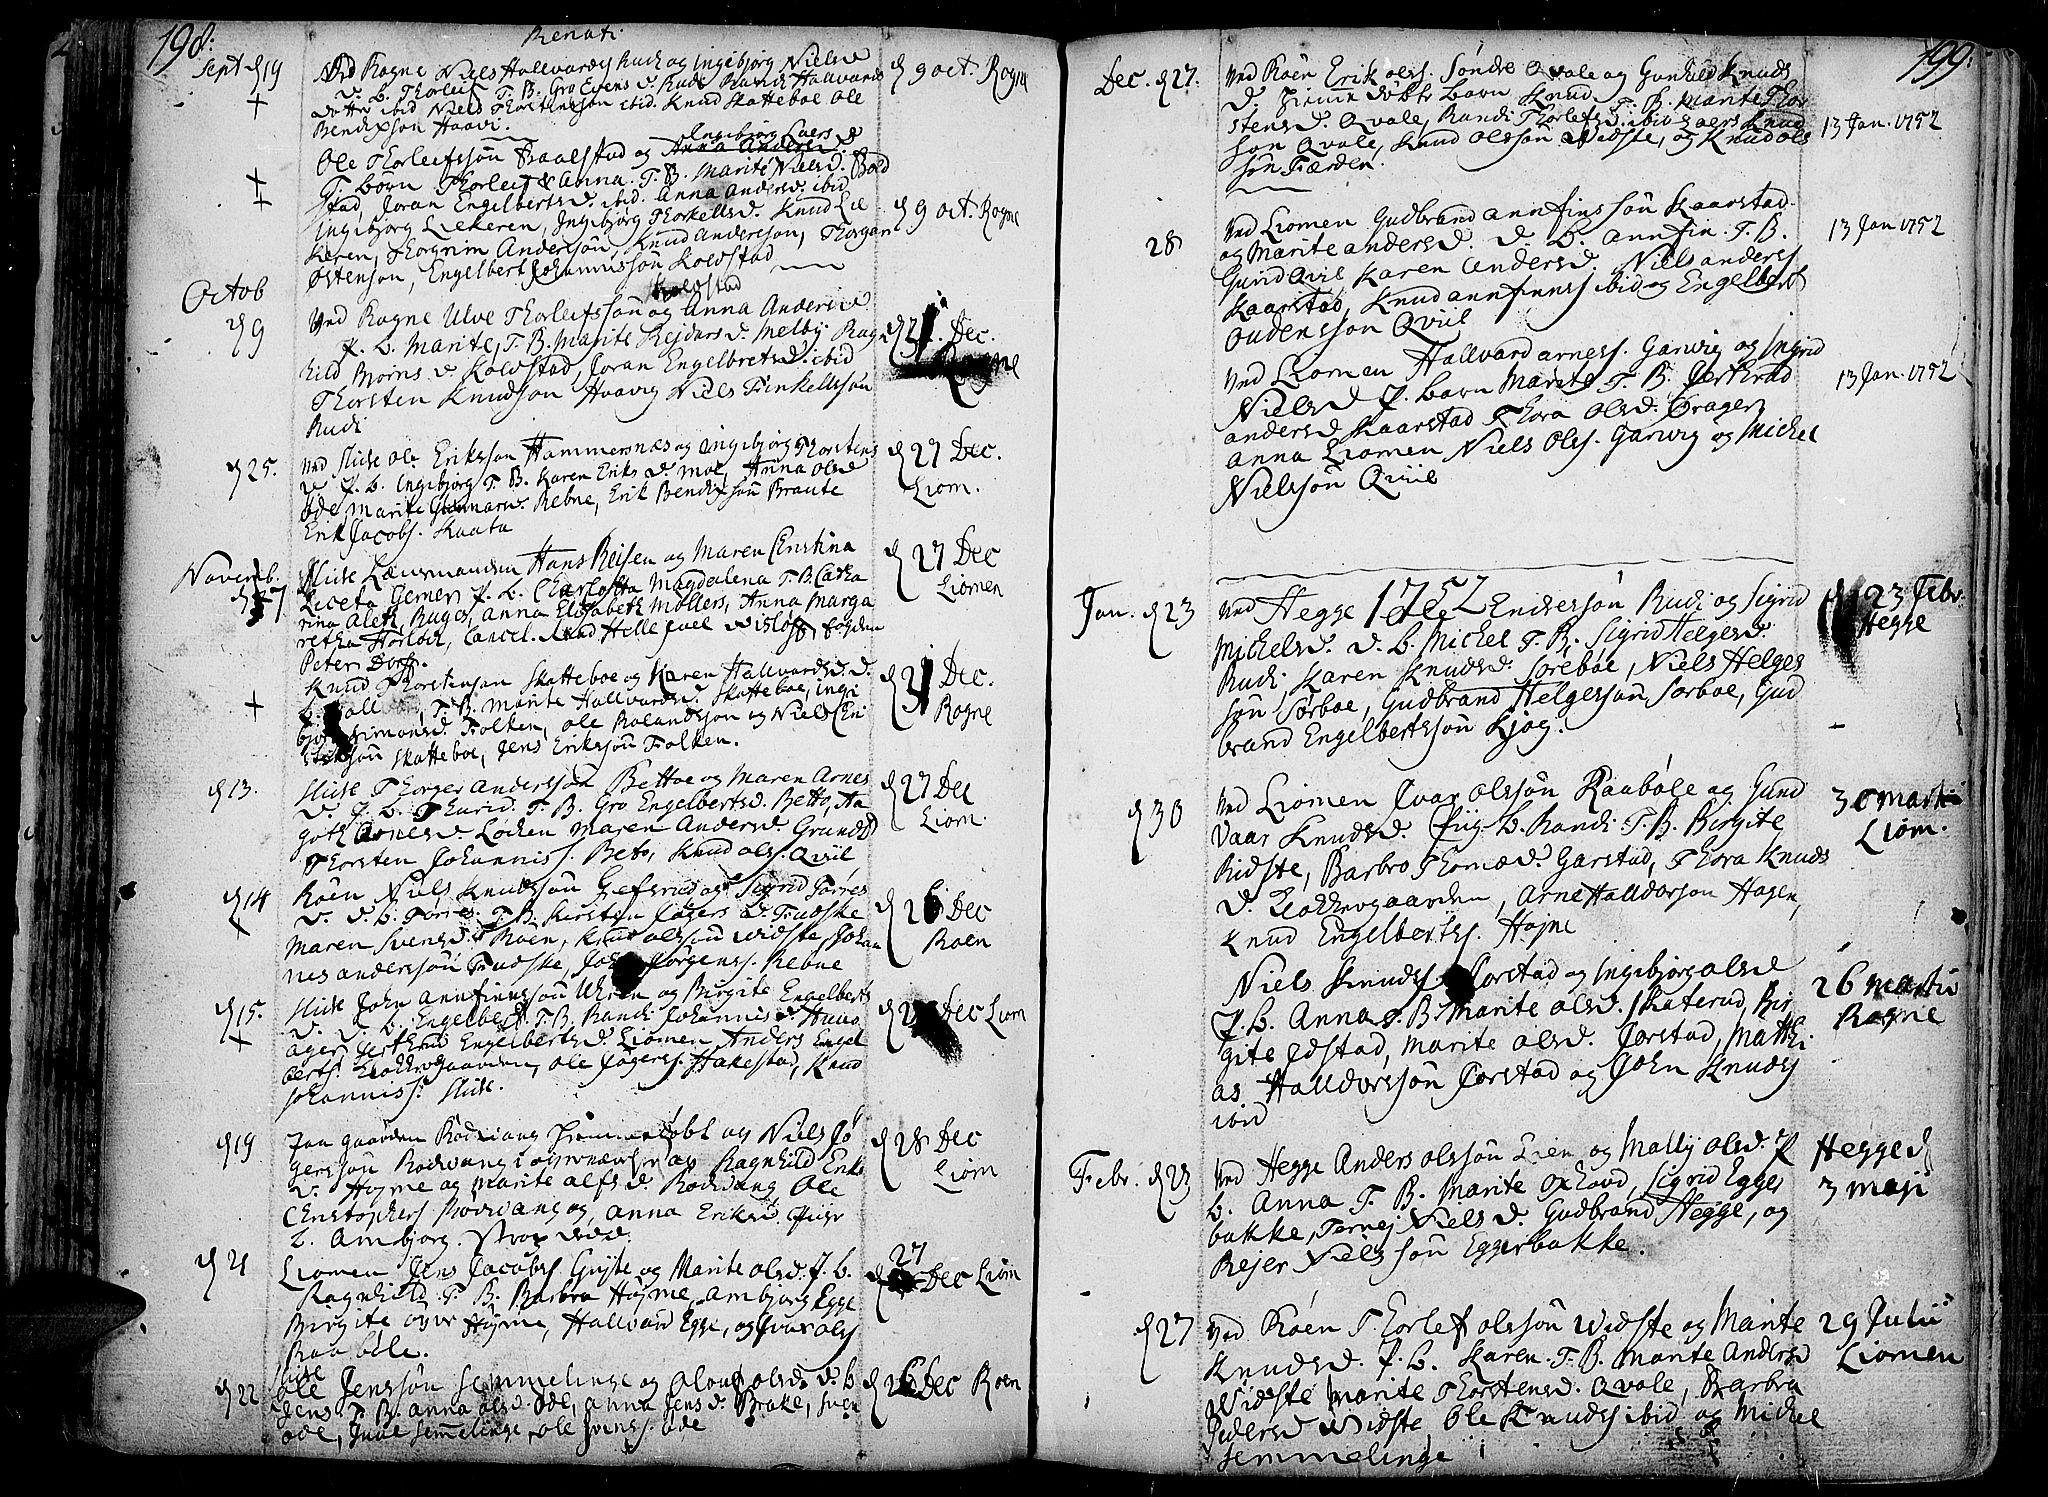 SAH, Slidre prestekontor, Ministerialbok nr. 1, 1724-1814, s. 198-199